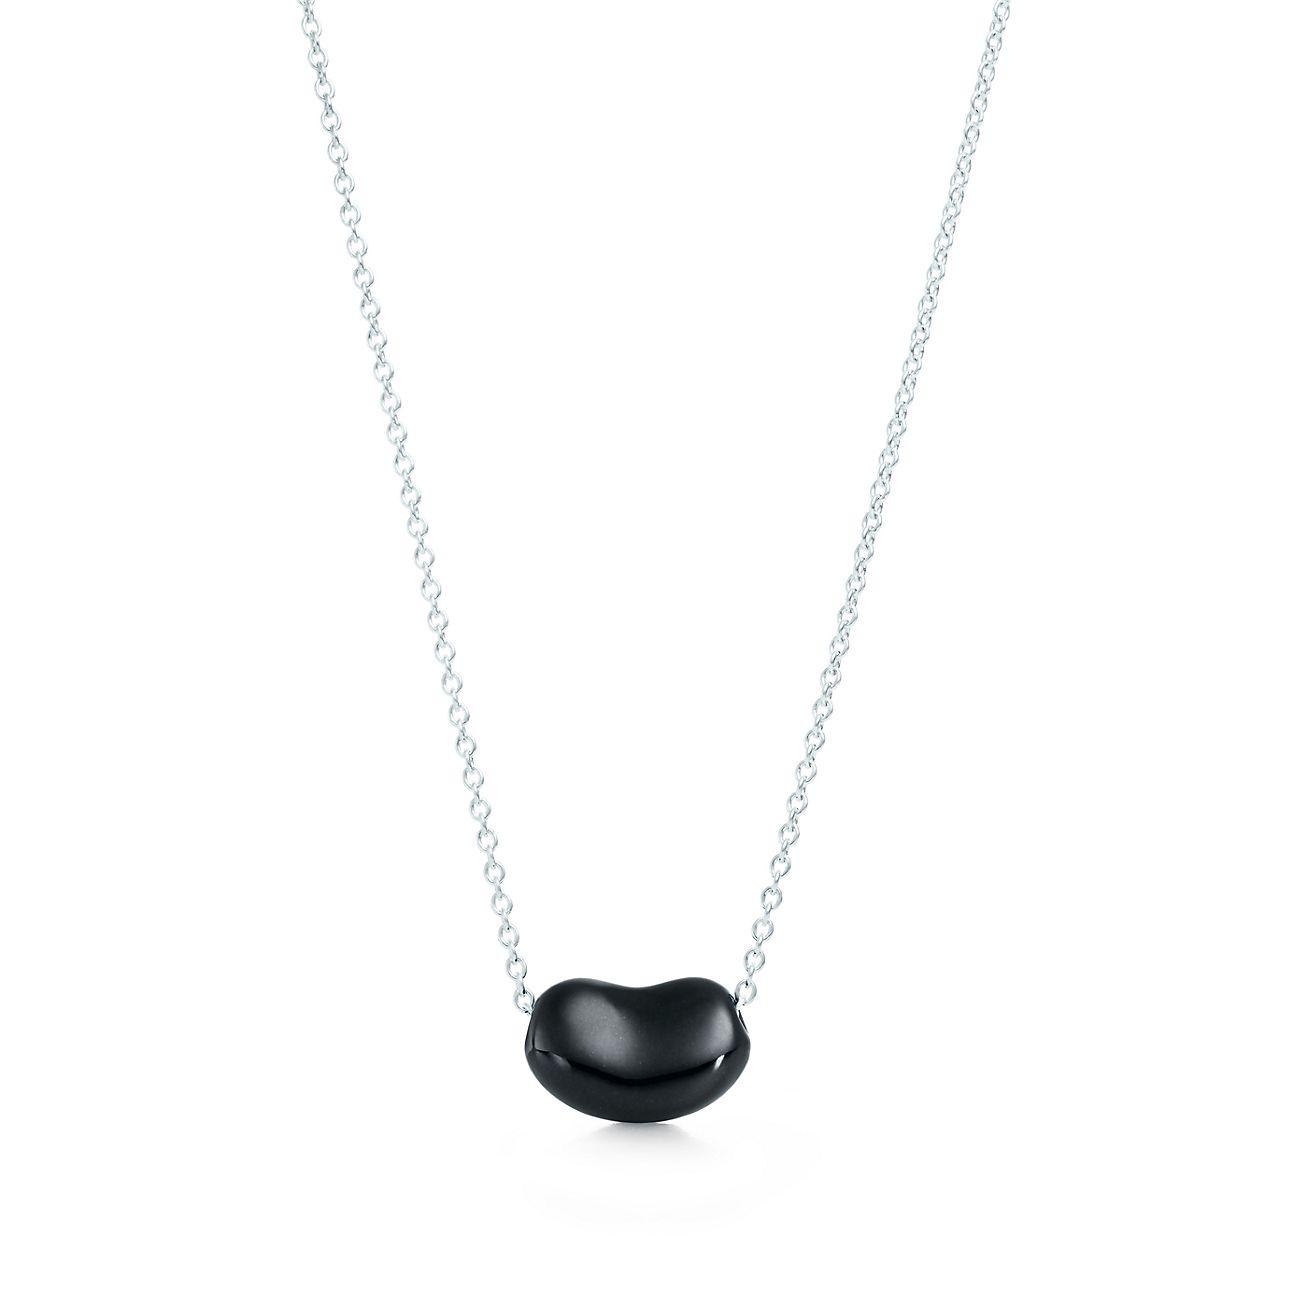 Elsa Peretti Bean necklace in sterling silver Tiffany & Co. 6SROhIgjGO